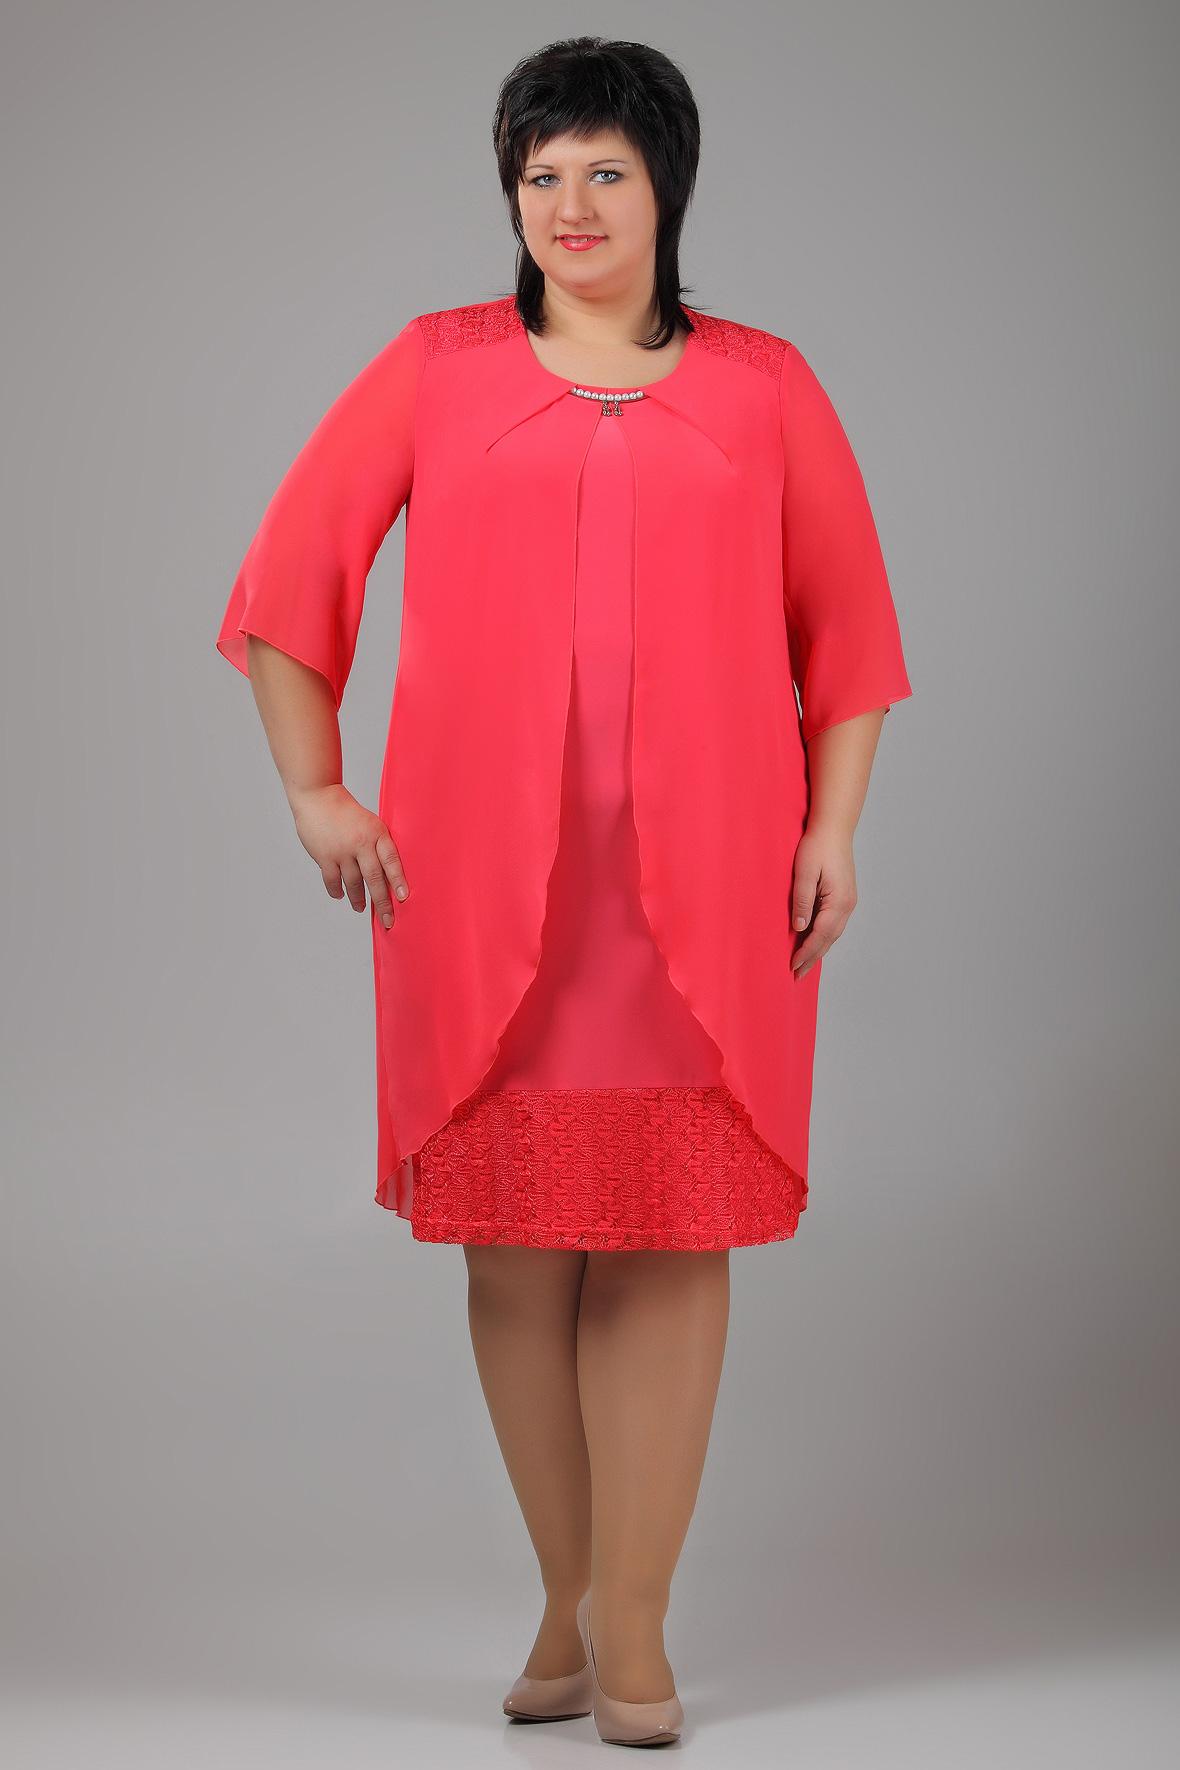 Женская Одежда Больших Размеров В Розницу